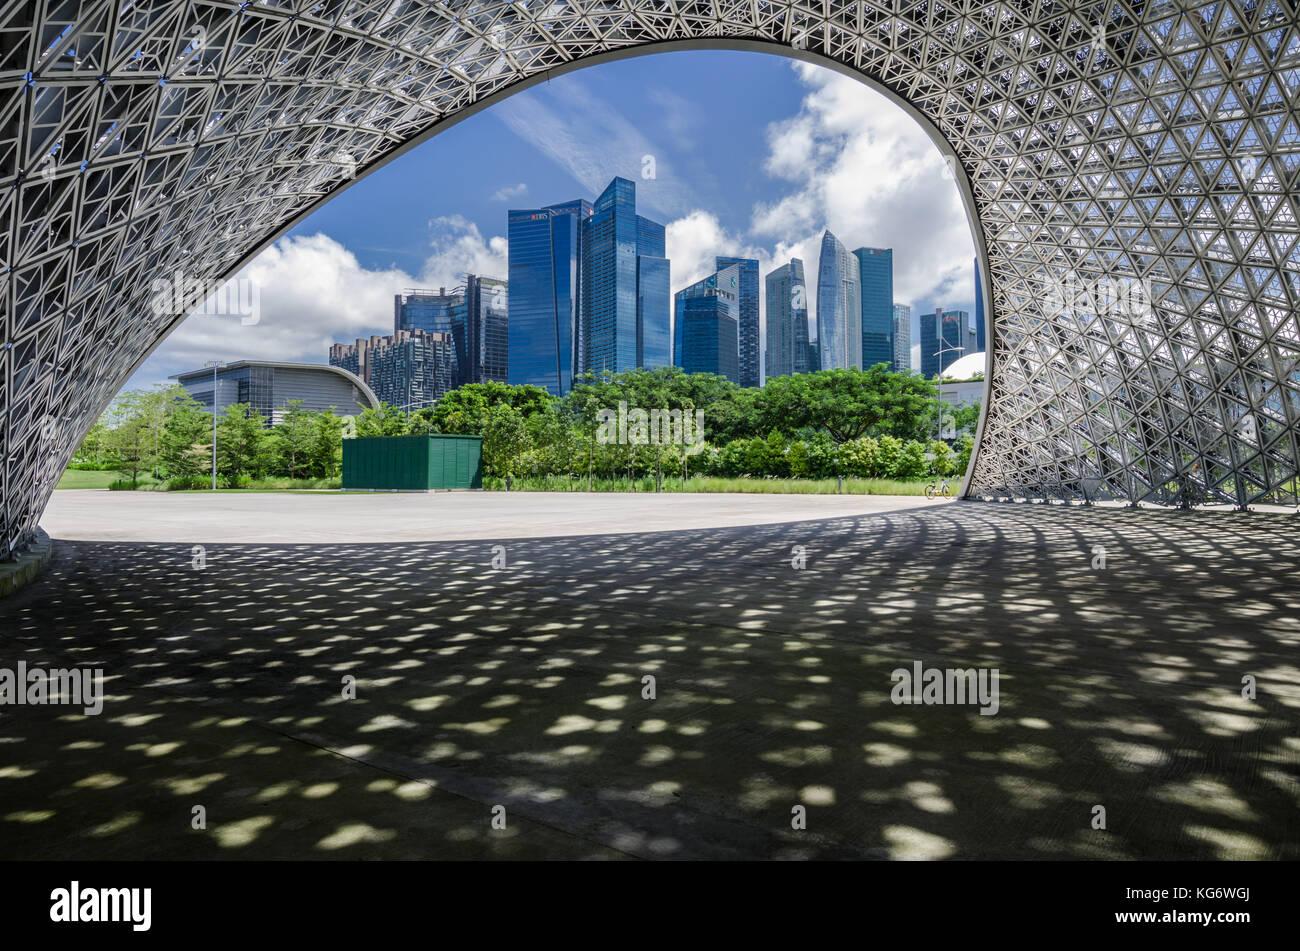 Singapur CBD-Bereich wie aus der Zukunft uns Ausstellungspavillon gesehen. Der Pavillon sind aus Aluminium gefertigt Stockbild